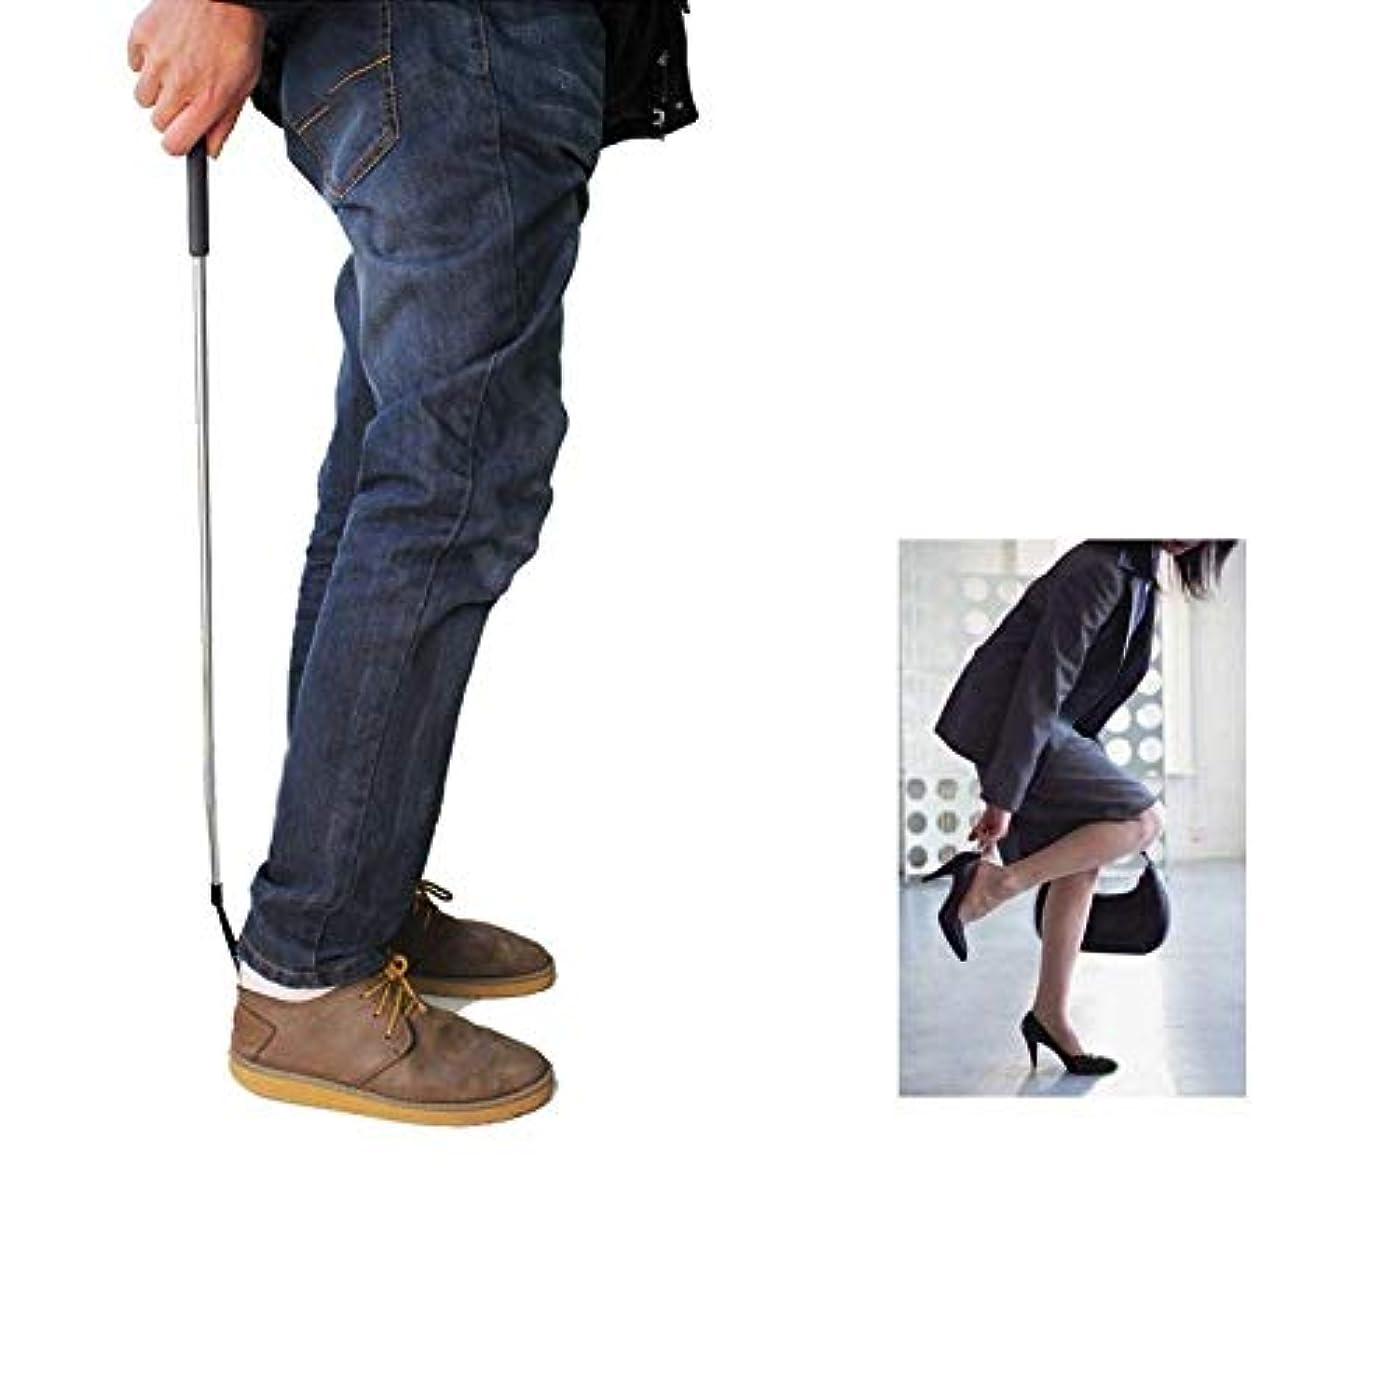 蓮辛い廃止するPichidr-JP 靴べら シューホーン くつべら 靴 長ヘラ 携帯 伸縮自在 シューケア ロング 軽量 高齢者 靴の角拡張可能&折りたたみ 男性女性靴